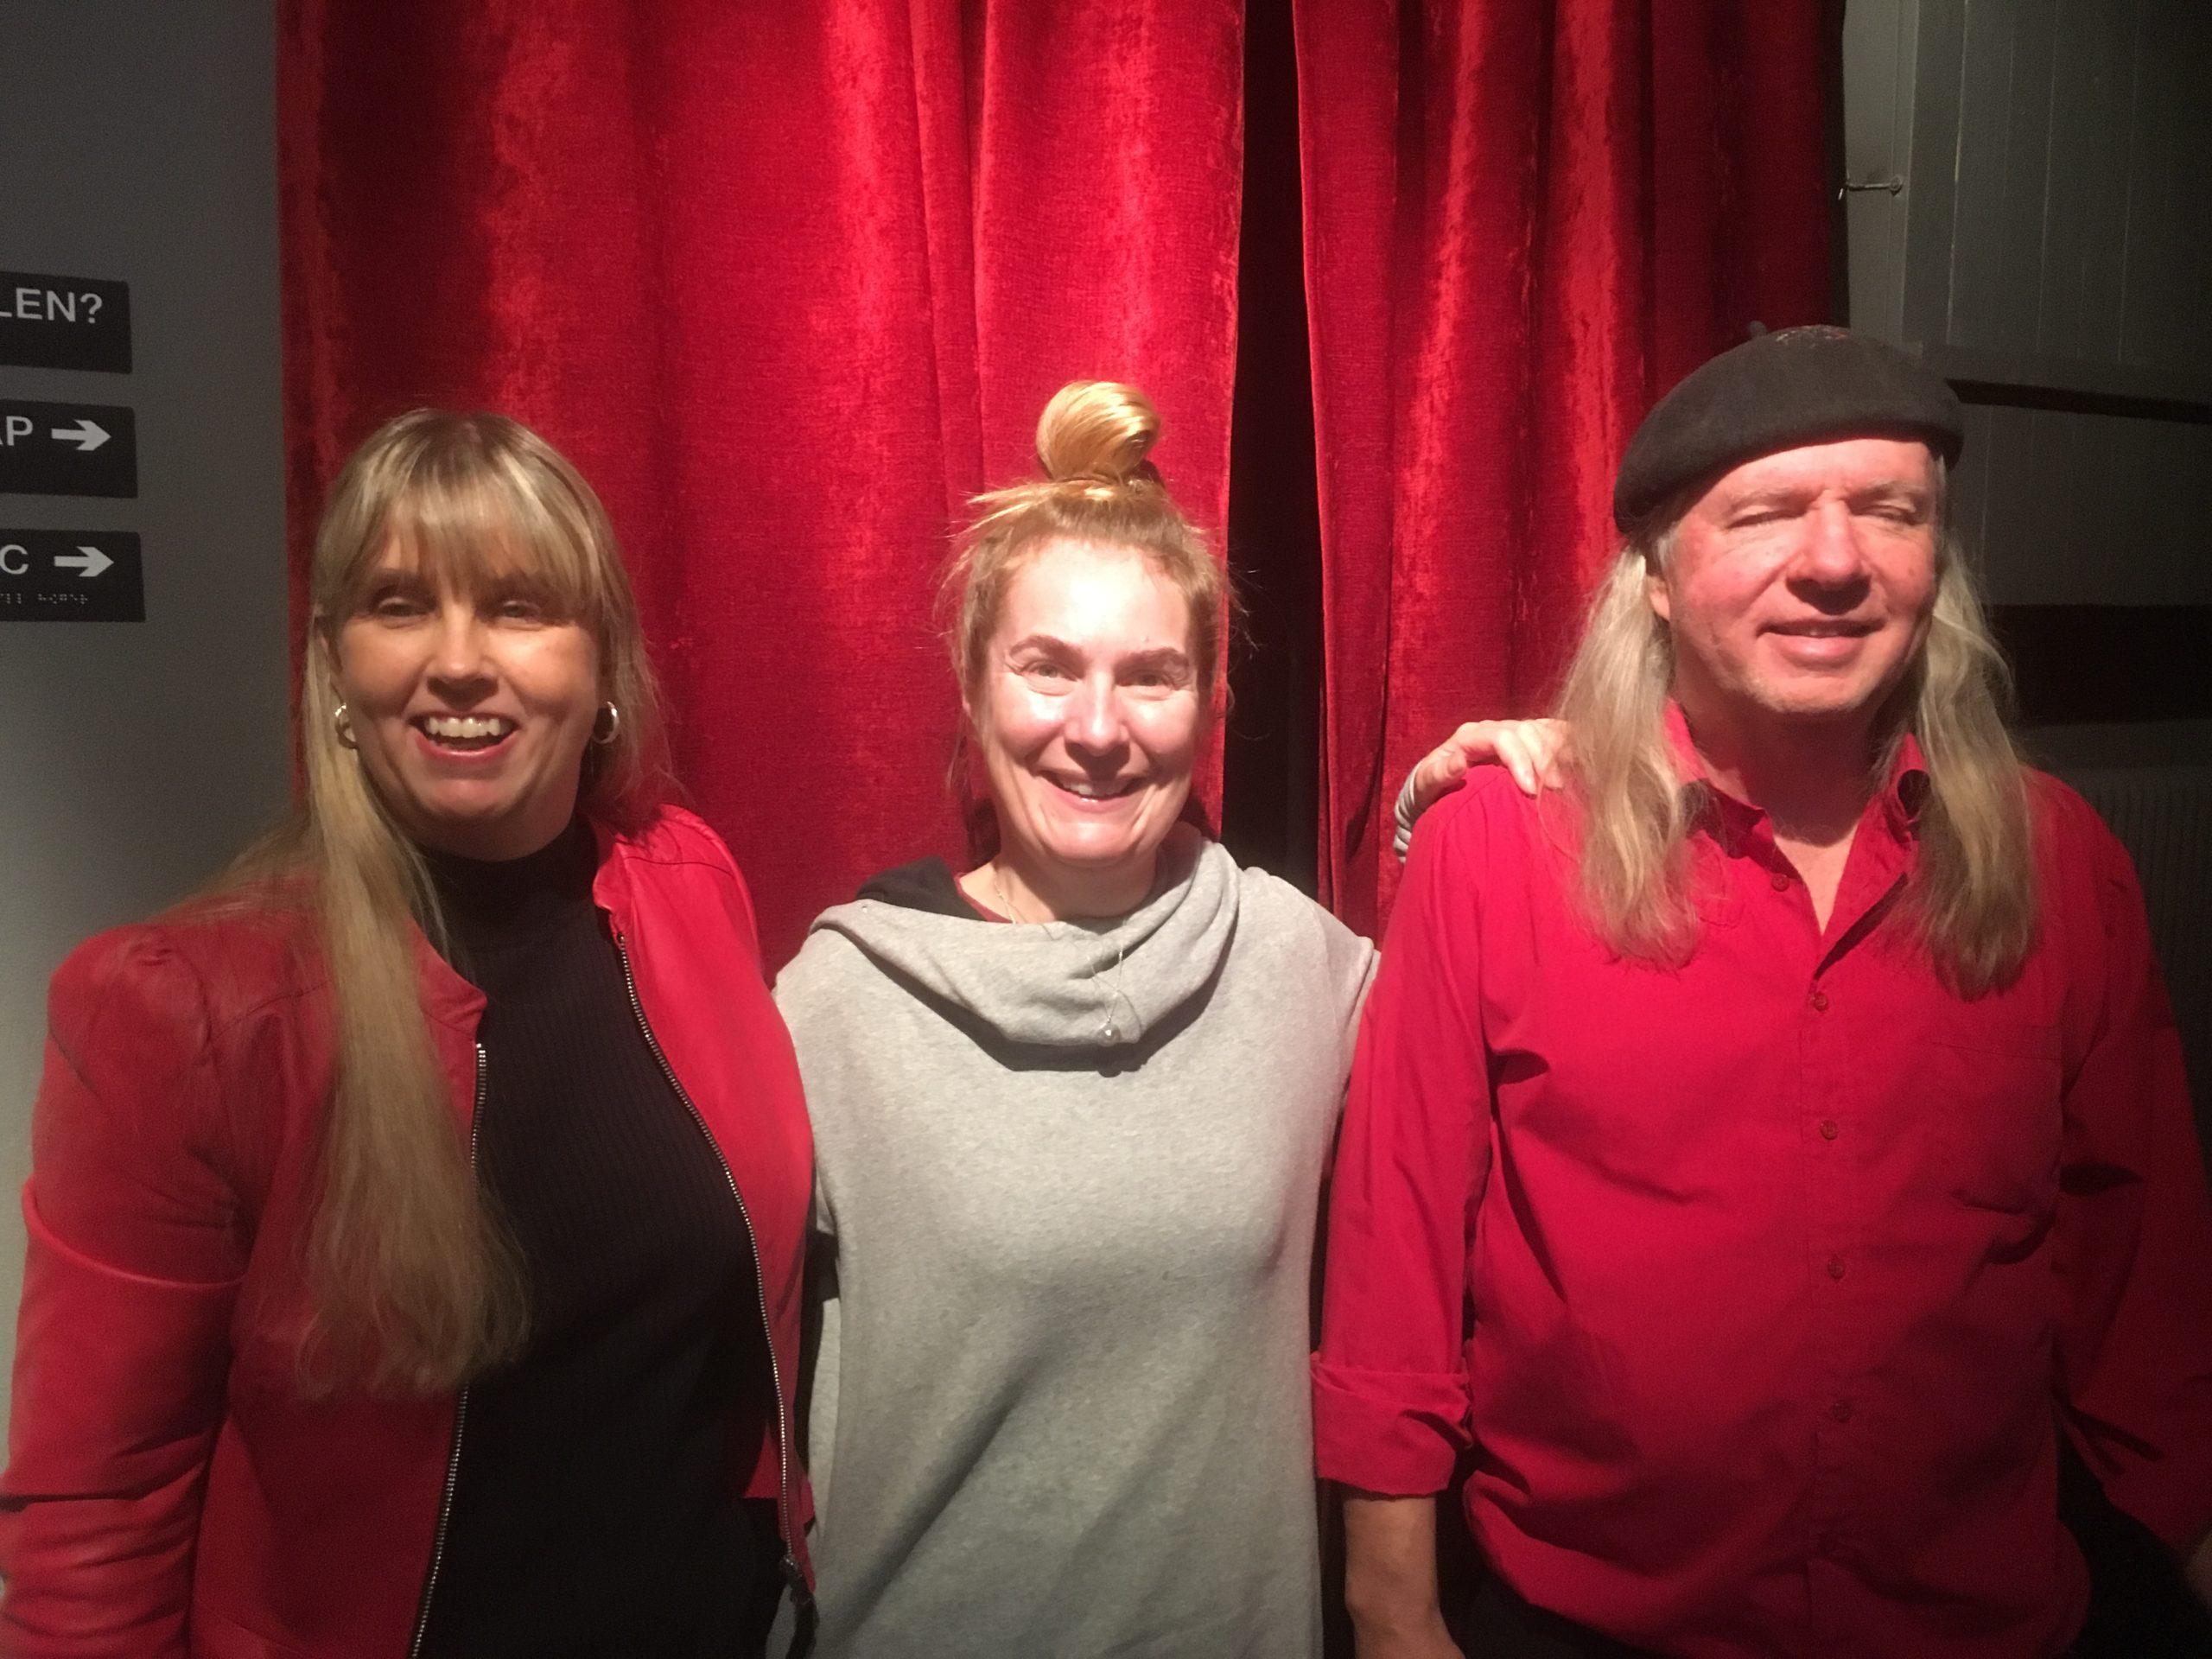 Anna, Annika och Ulf, gruppfoto med röda gardiner som bakgrund. Anna har långt blont hår och har på sig en röd jacka samt en svart polotröja under. Annika har uppsatt ljust långt hår i en toffs och klädd i en ljusgrå tröja. Ulf har långt grått hår, svart basker och en röd lågärmat skjorta.